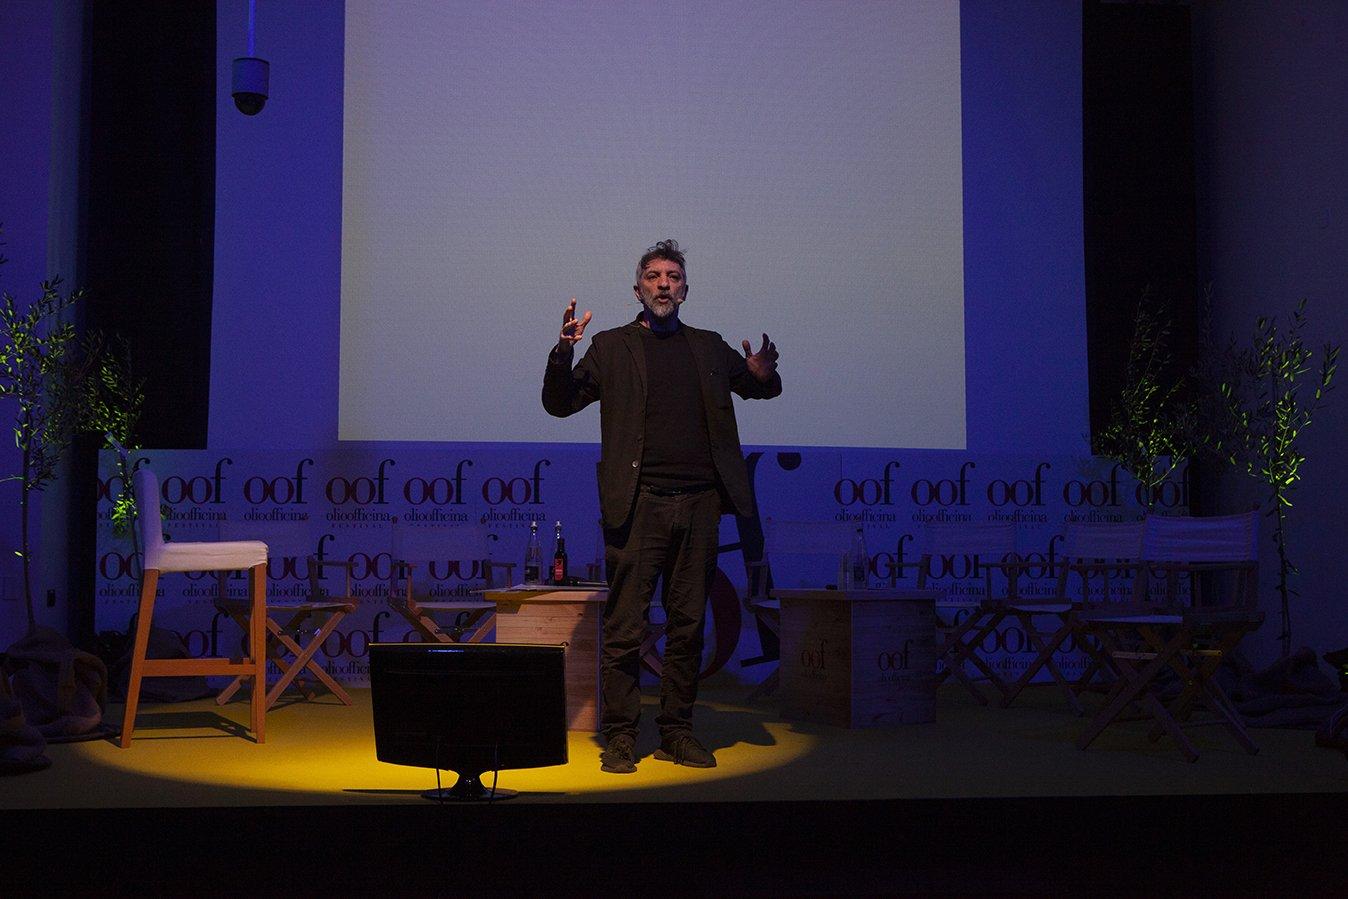 La storia della democrazia attraverso la storia dell'olivo